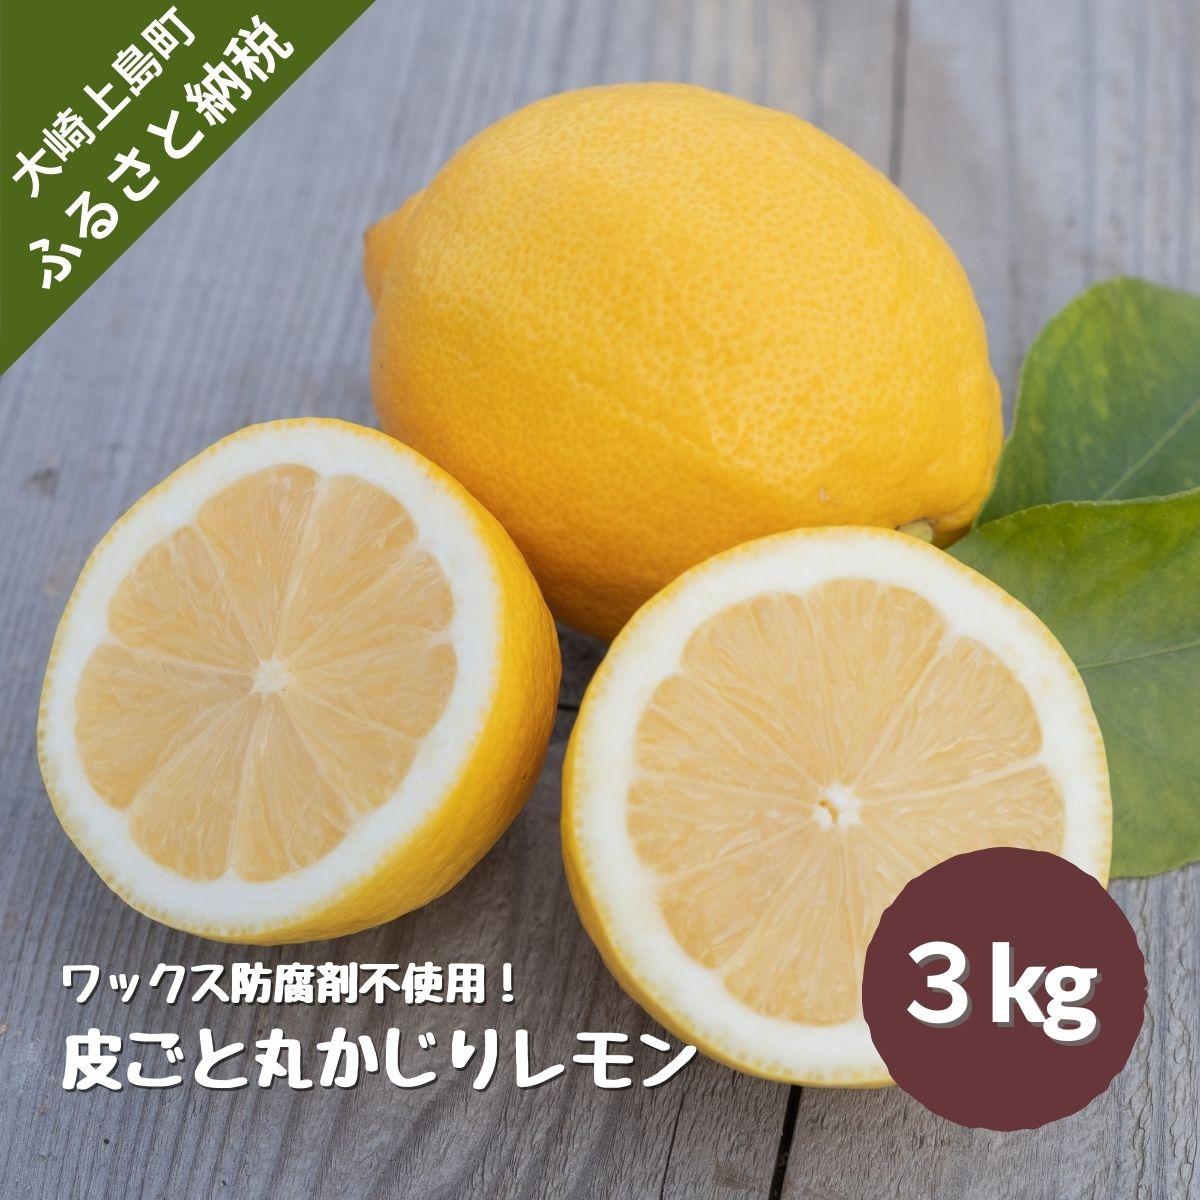 大崎上島産皮ごと丸かじりイエローレモン約3kg